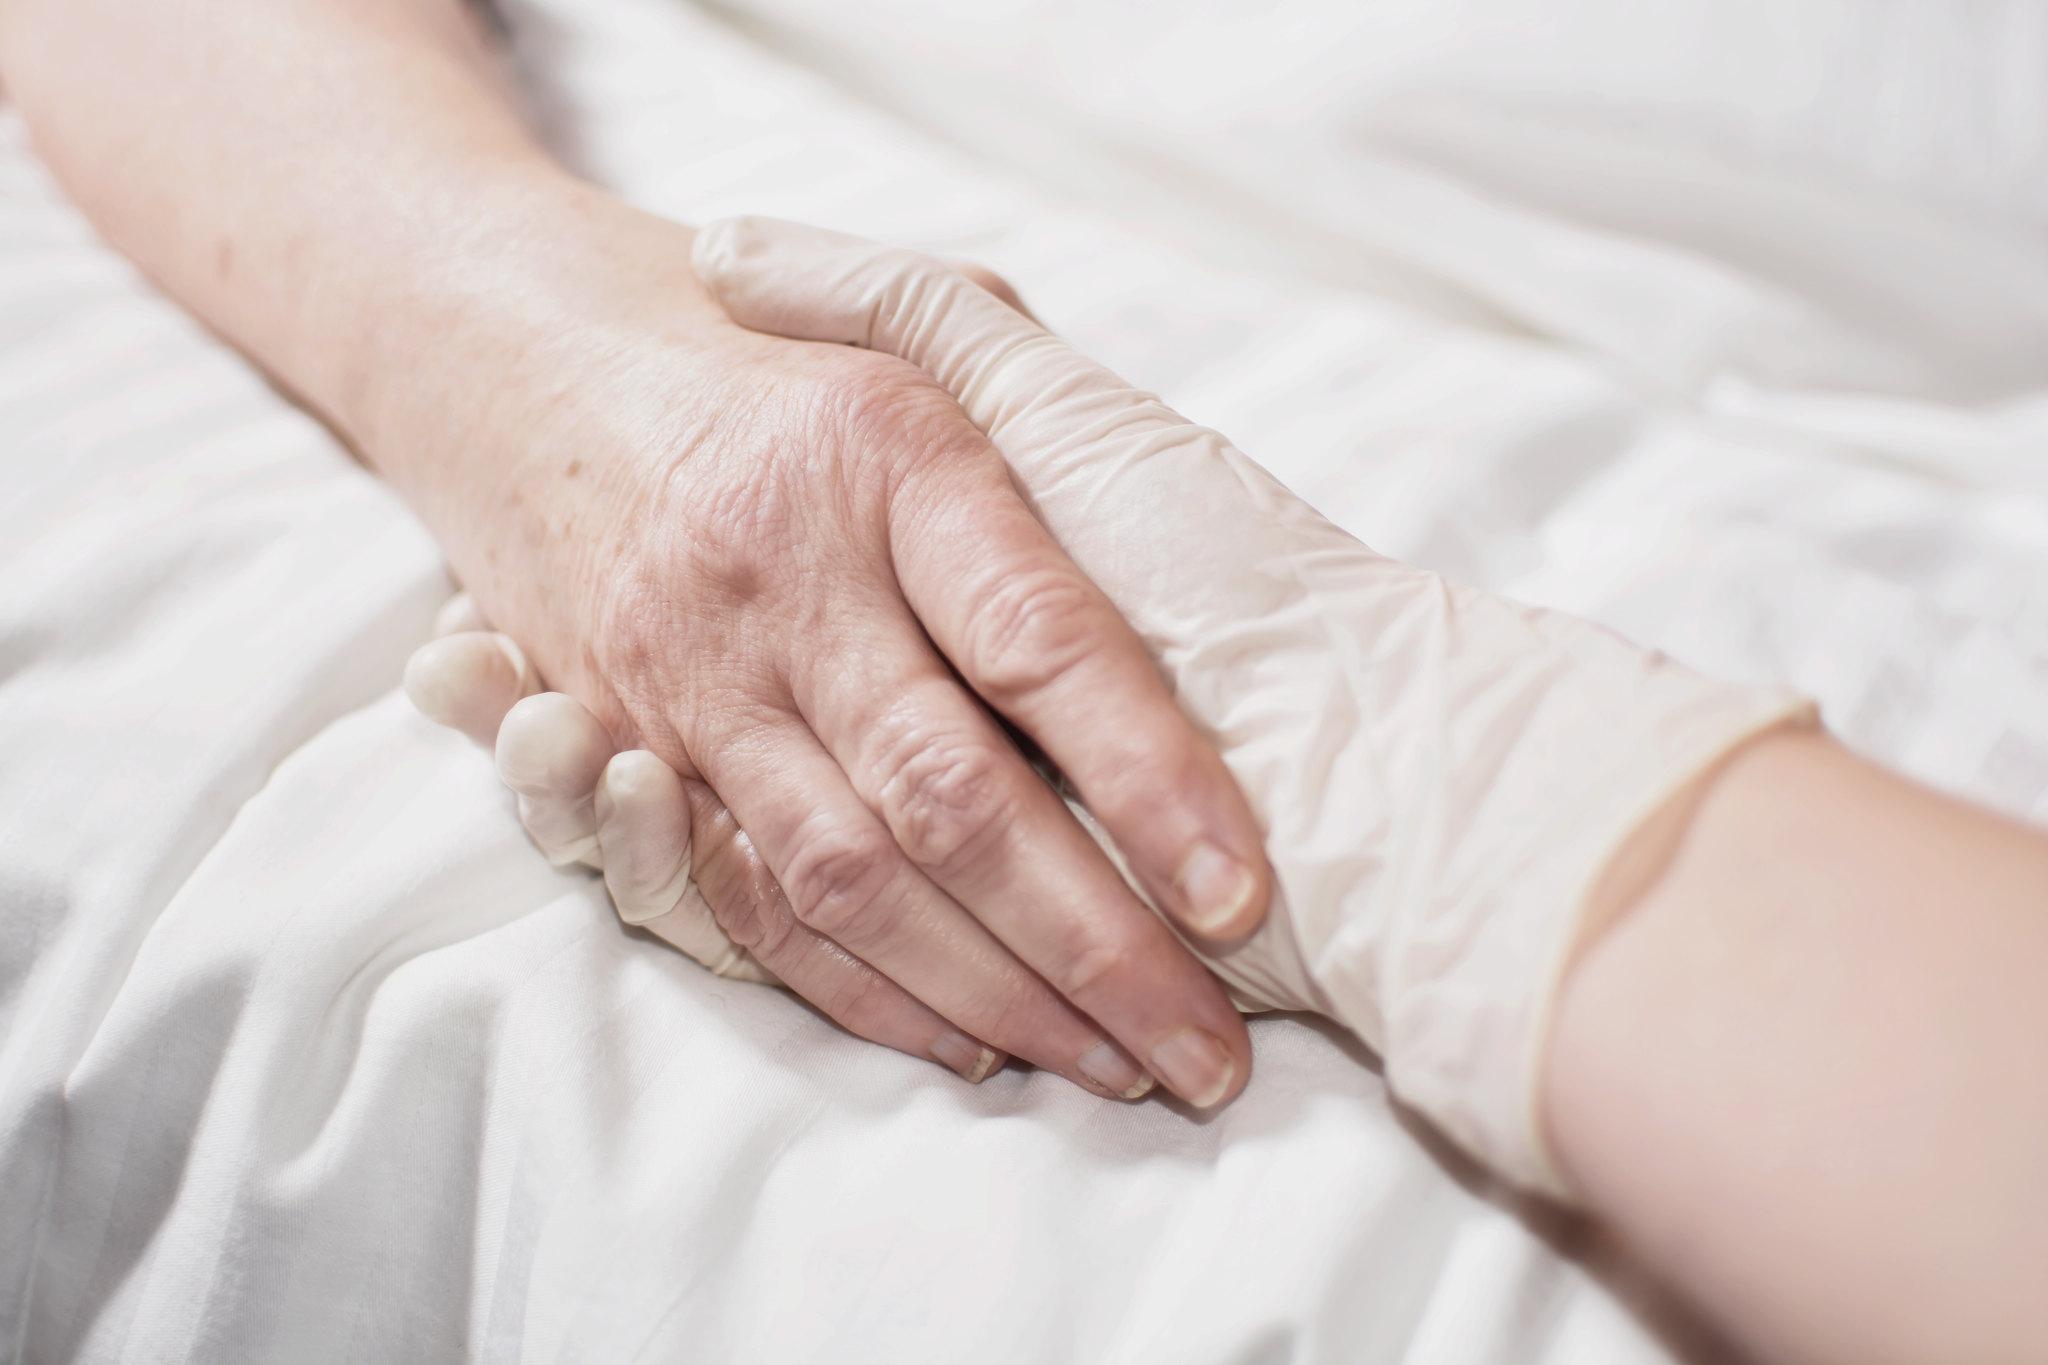 โปรตุเกสผ่านร่างกฎหมาย ให้ผู้ป่วยเลือกยุติชีวิตตัวเองได้ภายใต้ความช่วยเหลือของแพทย์